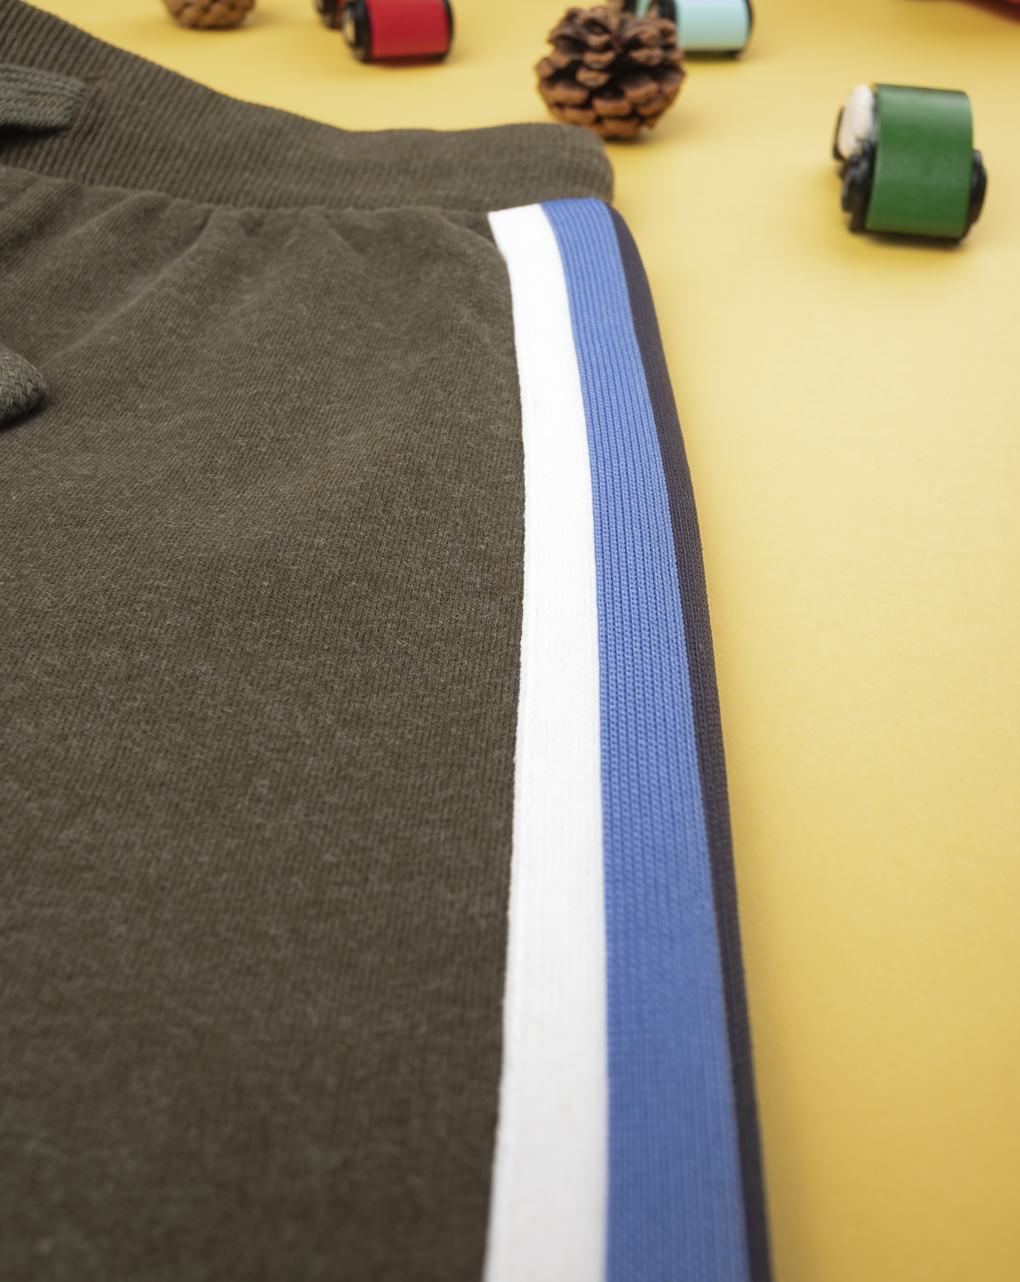 Pantaloni boy con stripes - Prénatal